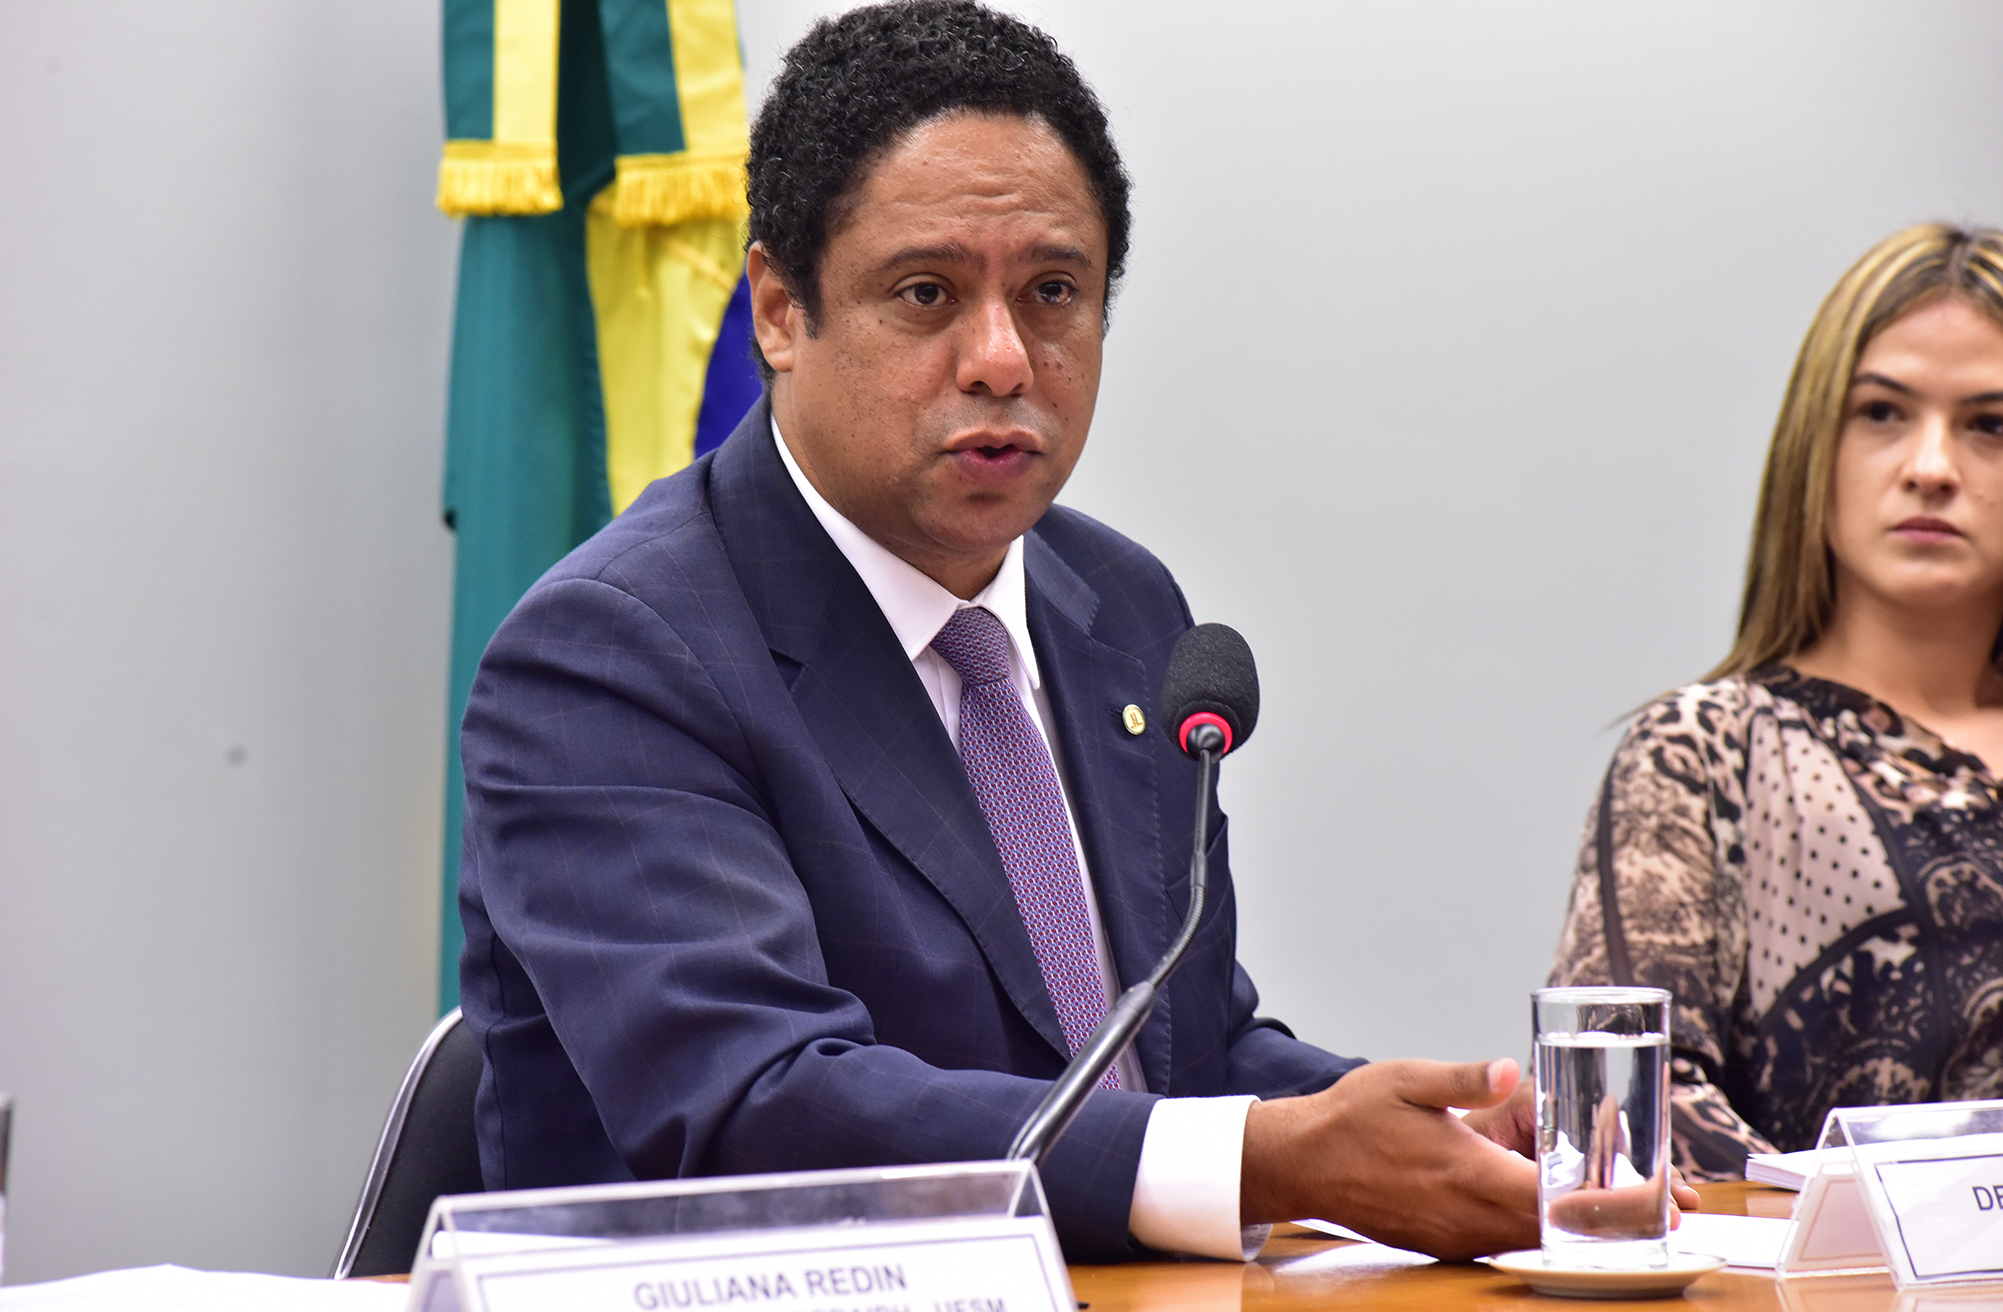 Audiência Pública. Dep. Orlando Silva (PCdoB-SP)